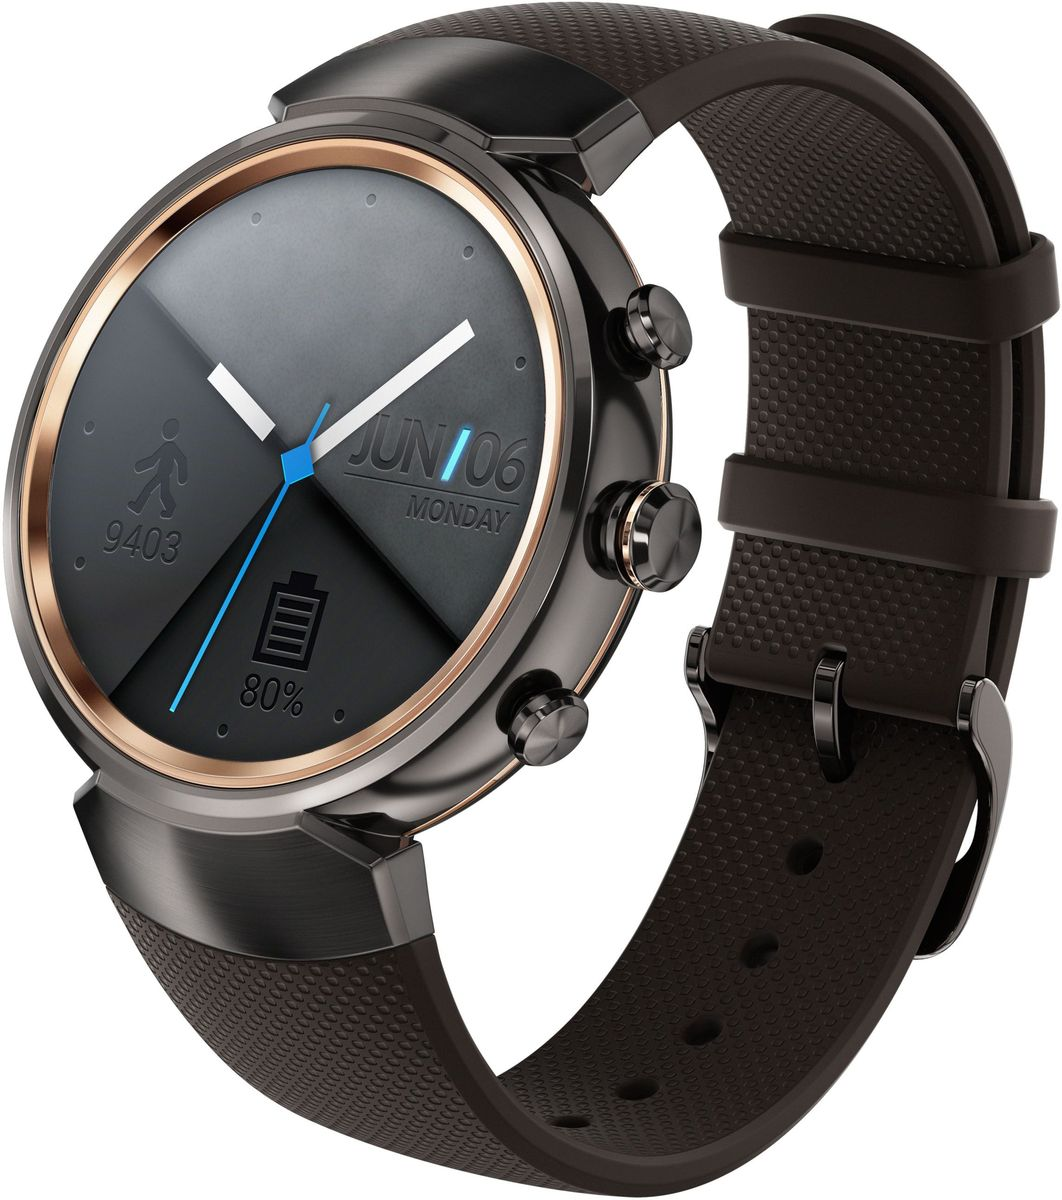 ASUS ZenWatch 3 WI503Q, Gunmetal смарт-часыWI503Q-1RGRY0011ASUS ZenWatch 3 - это современное цифровое устройство, выполненное в соответствии с давними традициями часового искусства из высококачественных материалов и с вниманием к каждой детали. Эти часы умеют делать гораздо больше, чем просто показывать время, а благодаря широким возможностям по персонализации их интерфейса вы легко можете настроить их по своему вкусу. Длительное время автономной работы и технология быстрой подзарядки аккумулятора делают ASUS ZenWatch 3 по-настоящему мобильным устройством, которое всегда будет готово к работе.Своим внешним видом ASUS ZenWatch 3 ближе к традиционным часам, чем к современным цифровым гаджетам. Их стильный дизайн вдохновлен образом солнечного затмения, а широчайшая функциональность реализована с безупречным мастерством.Корпус часов ZenWatch 3 изготовлен из ювелирной нержавеющей стали марки 316L, которая наделяет их не только превосходным внешним видом, но и долговечностью, ведь ее прочность на 82% выше по сравнению с обычной сталью. Высокий статус устройства подчеркивает тонкая отделка оправы.В облике нового устройства ASUS можно отметить необычные для умных часов элементы, а именно три боковых кнопки. Верхняя кнопка является программируемой. Она предоставляет доступ к любимому приложению или функции. Средняя кнопка переключает часы в различные режимы работы, а нижняя моментально активирует специальный энергосберегающий режим.Три визуальных темы и более 50 эксклюзивных вариантов циферблата, с которыми поставляются часы ZenWatch 3, позволяют легко настроить их внешний вид по своему вкусу.Часы ZenWatch 3 помогают структурировать различную информацию - сообщения от друзей, напоминания о запланированных встречах, прогноз погоды и многое другое - и выдают ее в нужный момент в удобном для восприятия формате.ZenWatch Manager - это приложение для смартфонов, которое предназначено для управления различными функциями часов ZenWatch 3. С его помощью можно выбрать циферблат и выве